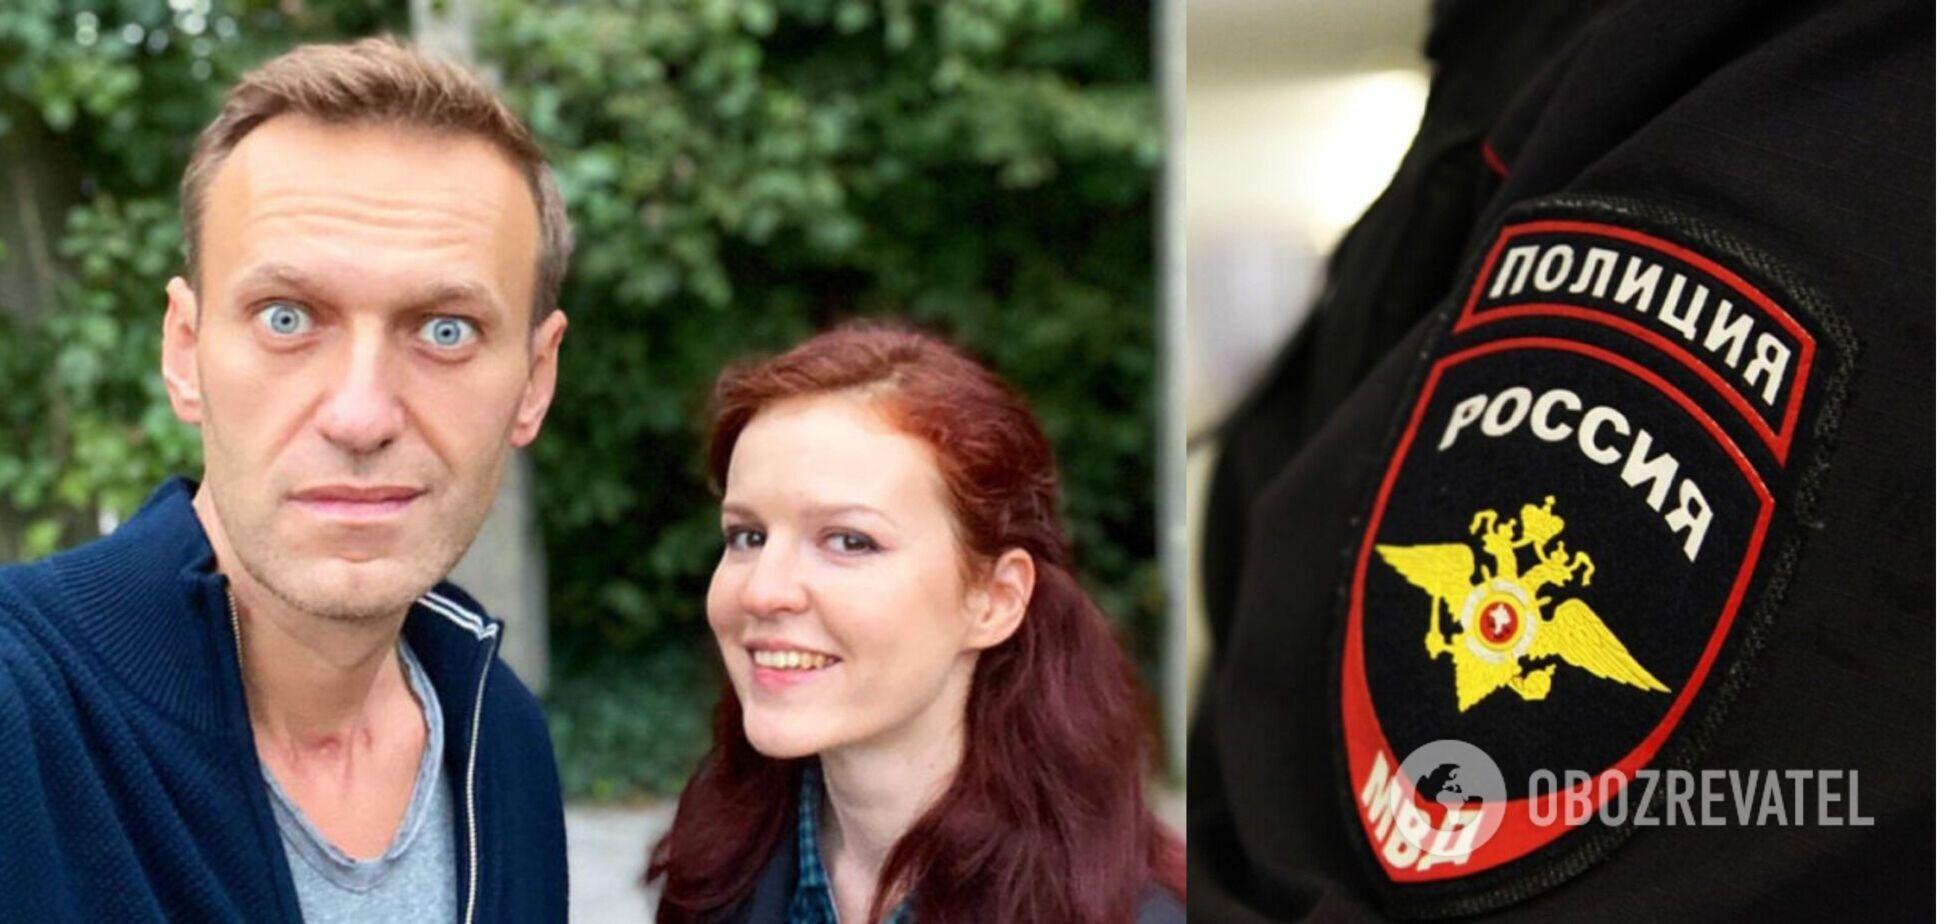 В России задержали пресс-секретаря Навального